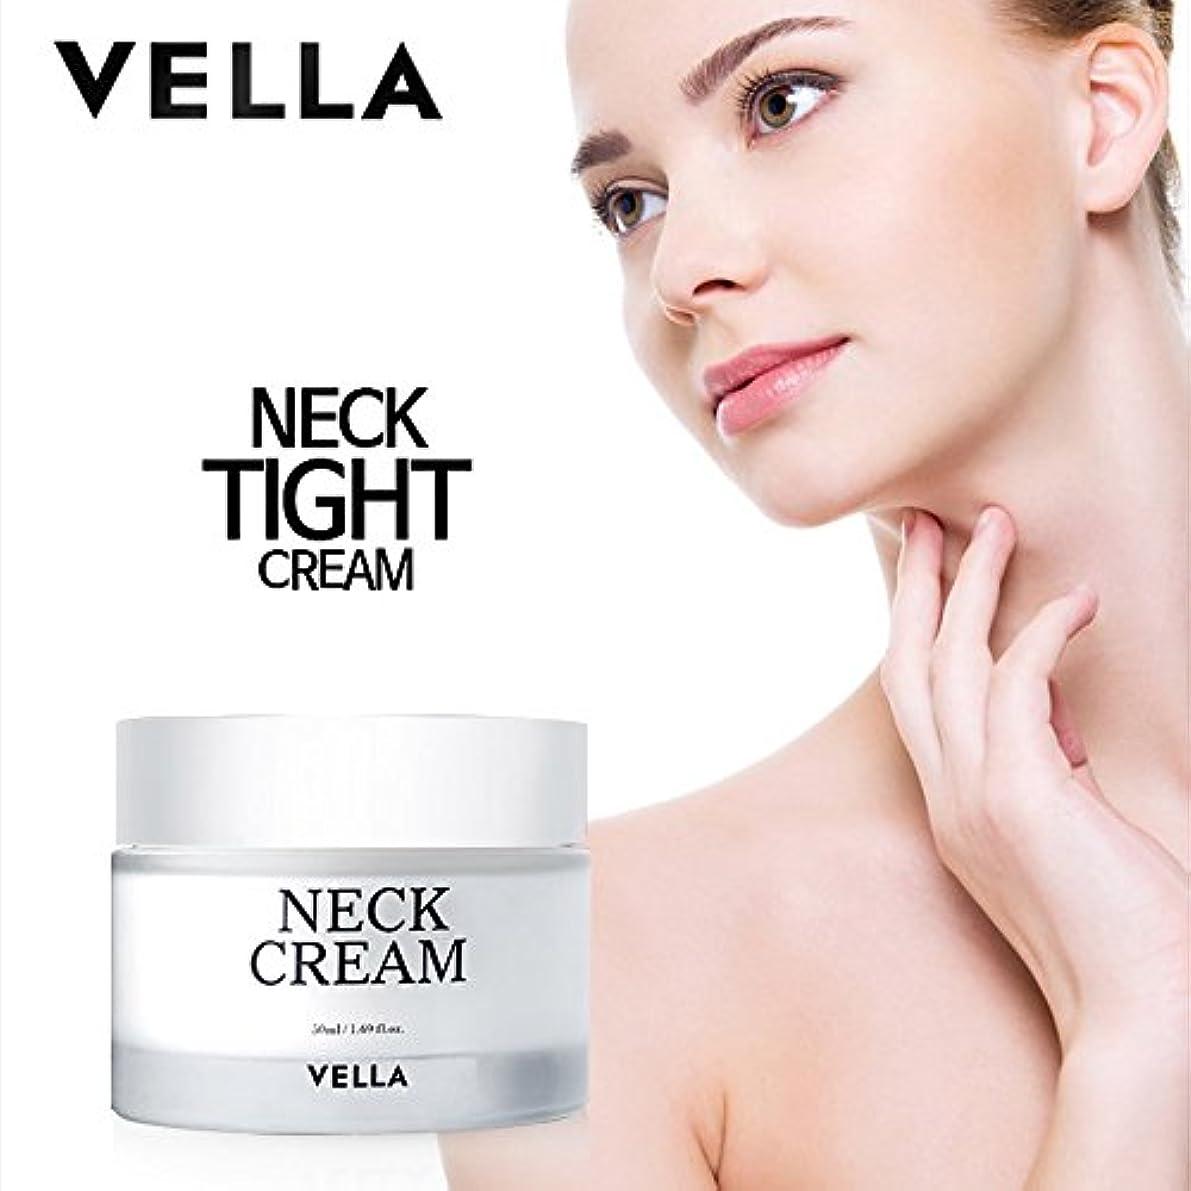 上回る効率リングバックVELLA Anti Wrinkle & Whitening Strong Neck Cream(体がキレイvella首専用のクリーム) 50ml [並行輸入品]